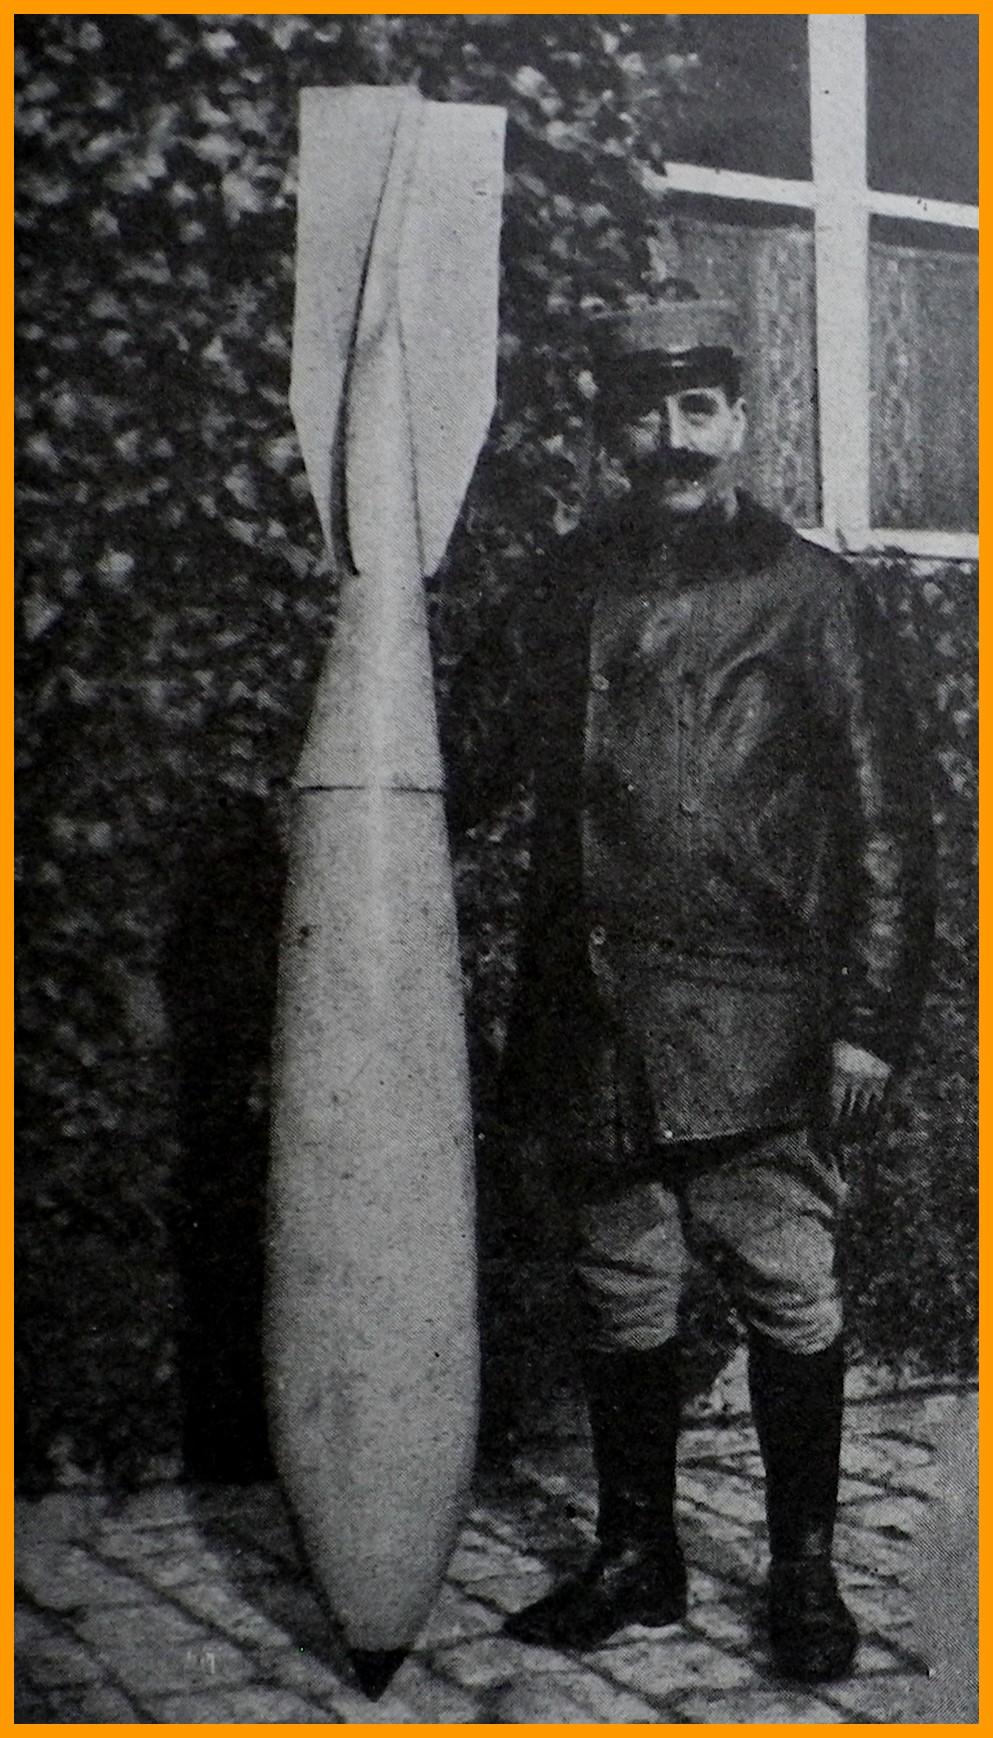 Calais 14 18 torpille allemande lancee sur calais en 1918 retrouvee non eclatee encadre